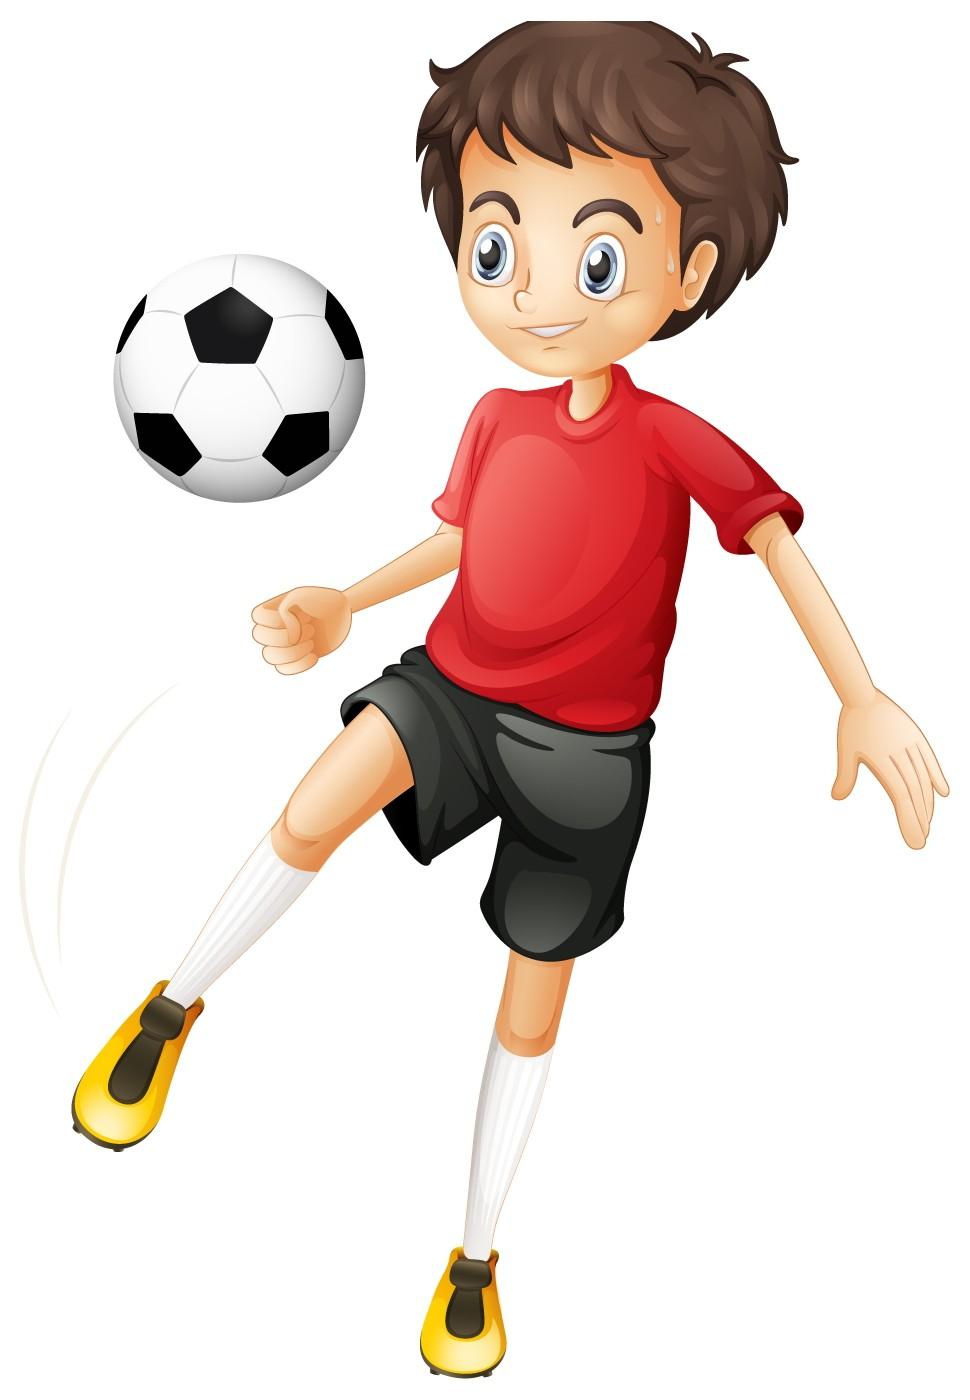 Little Boy clipart kid football Player Football Cartoon H Šport